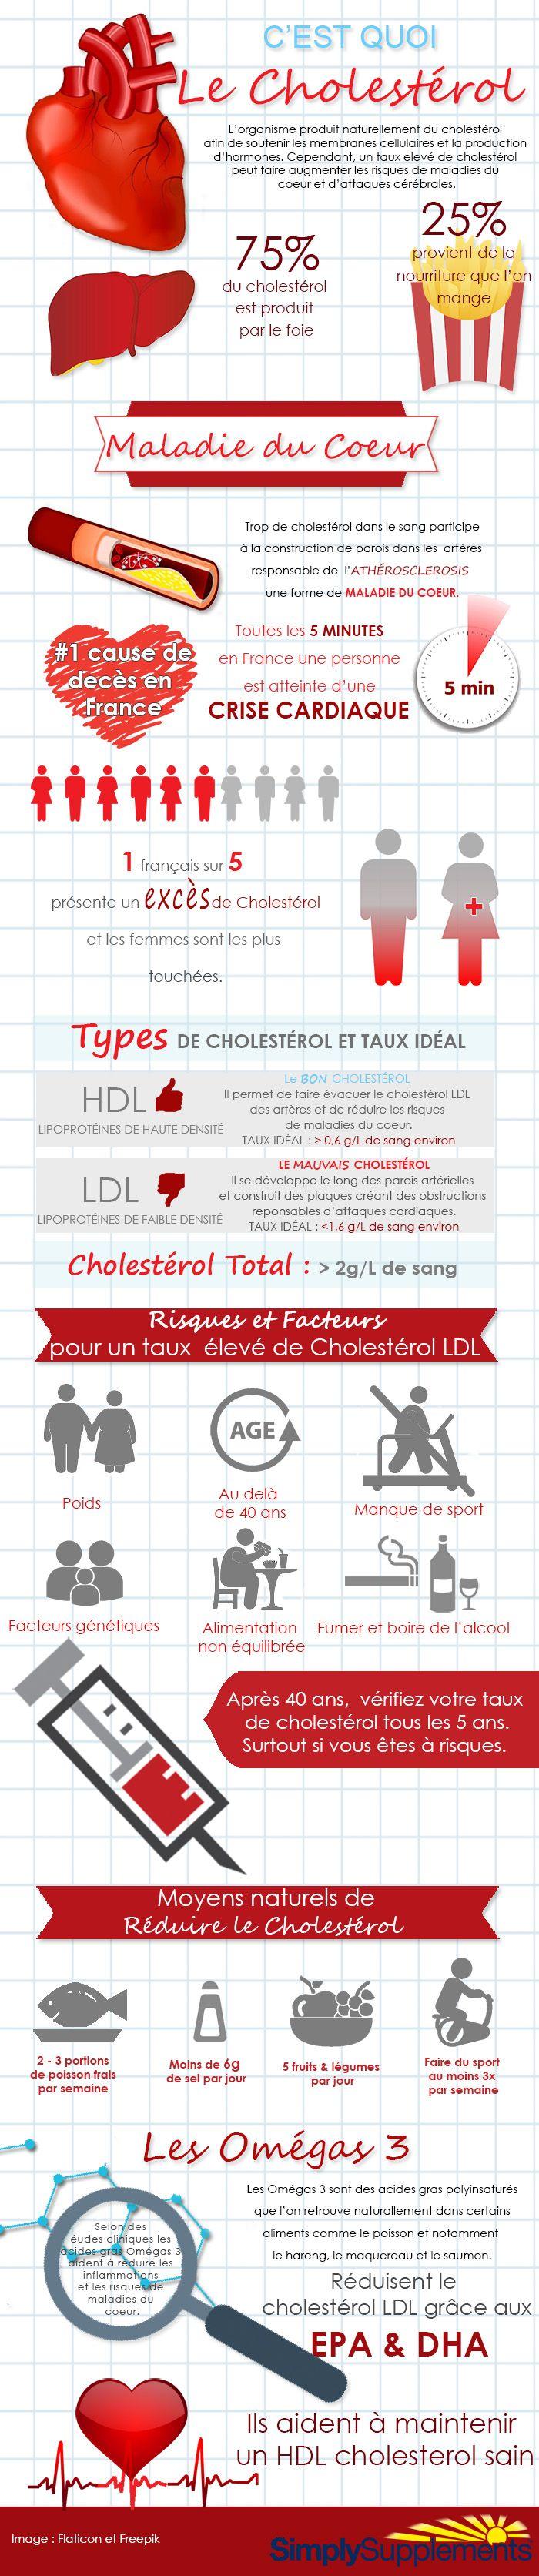 Comprendre le cholestérol et les maladies du coeur en infographie !